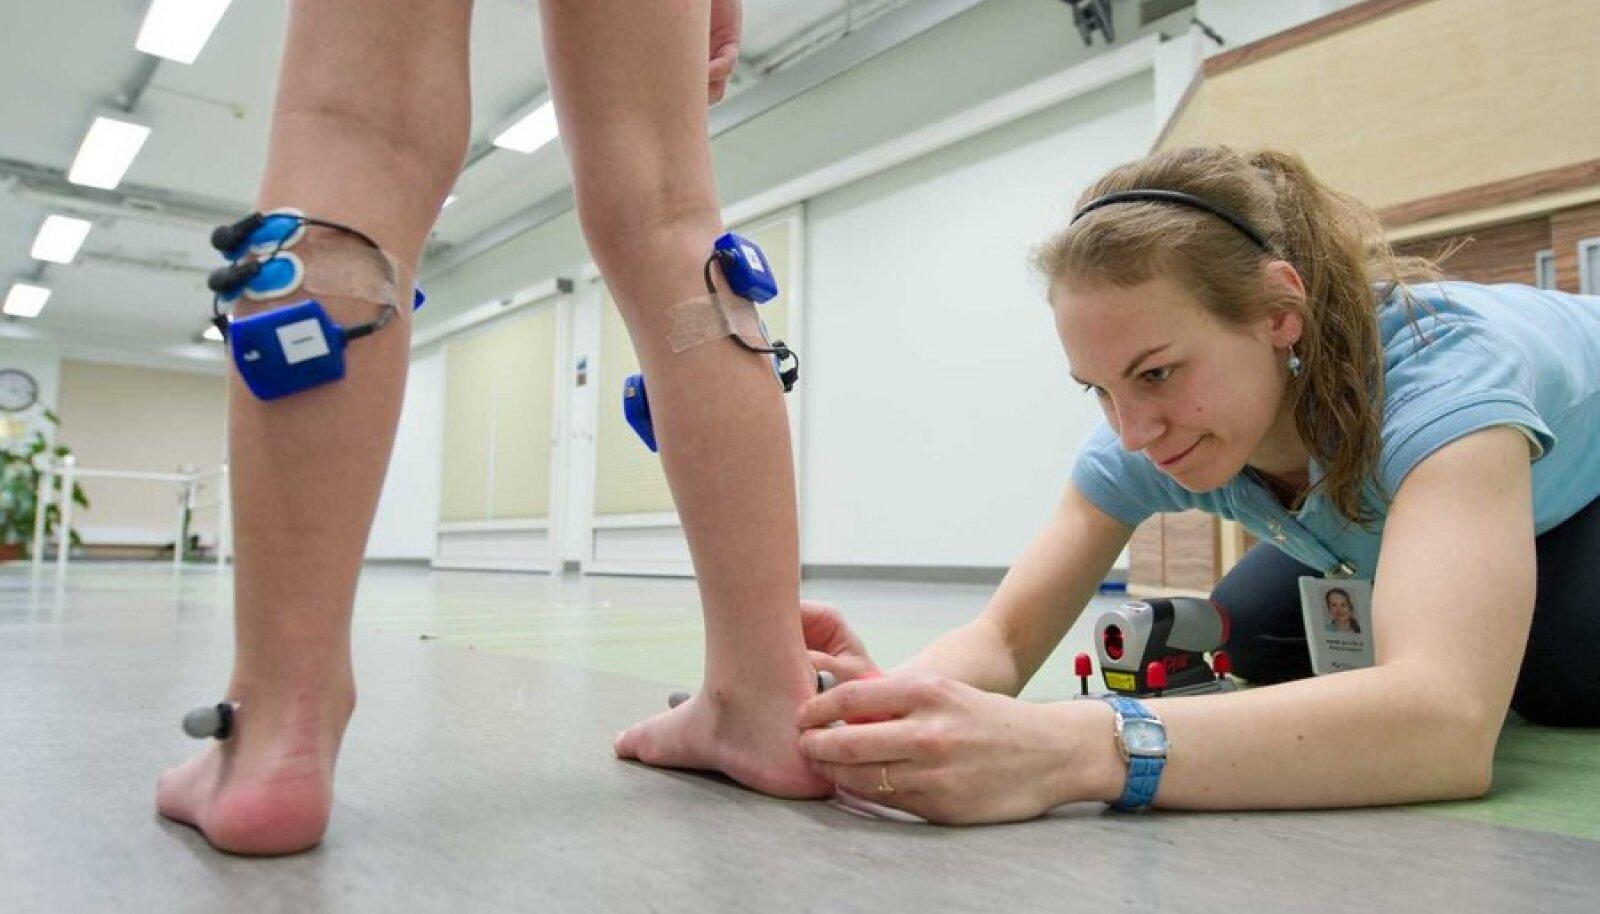 Füsioterapeut Mari Alvelal kulub ligi tund, et kinnitada Toomase jalgadele kõik kõnnianalüüsiks vajalikud antennid ja andurid. (Foto: Rauno Volmar)